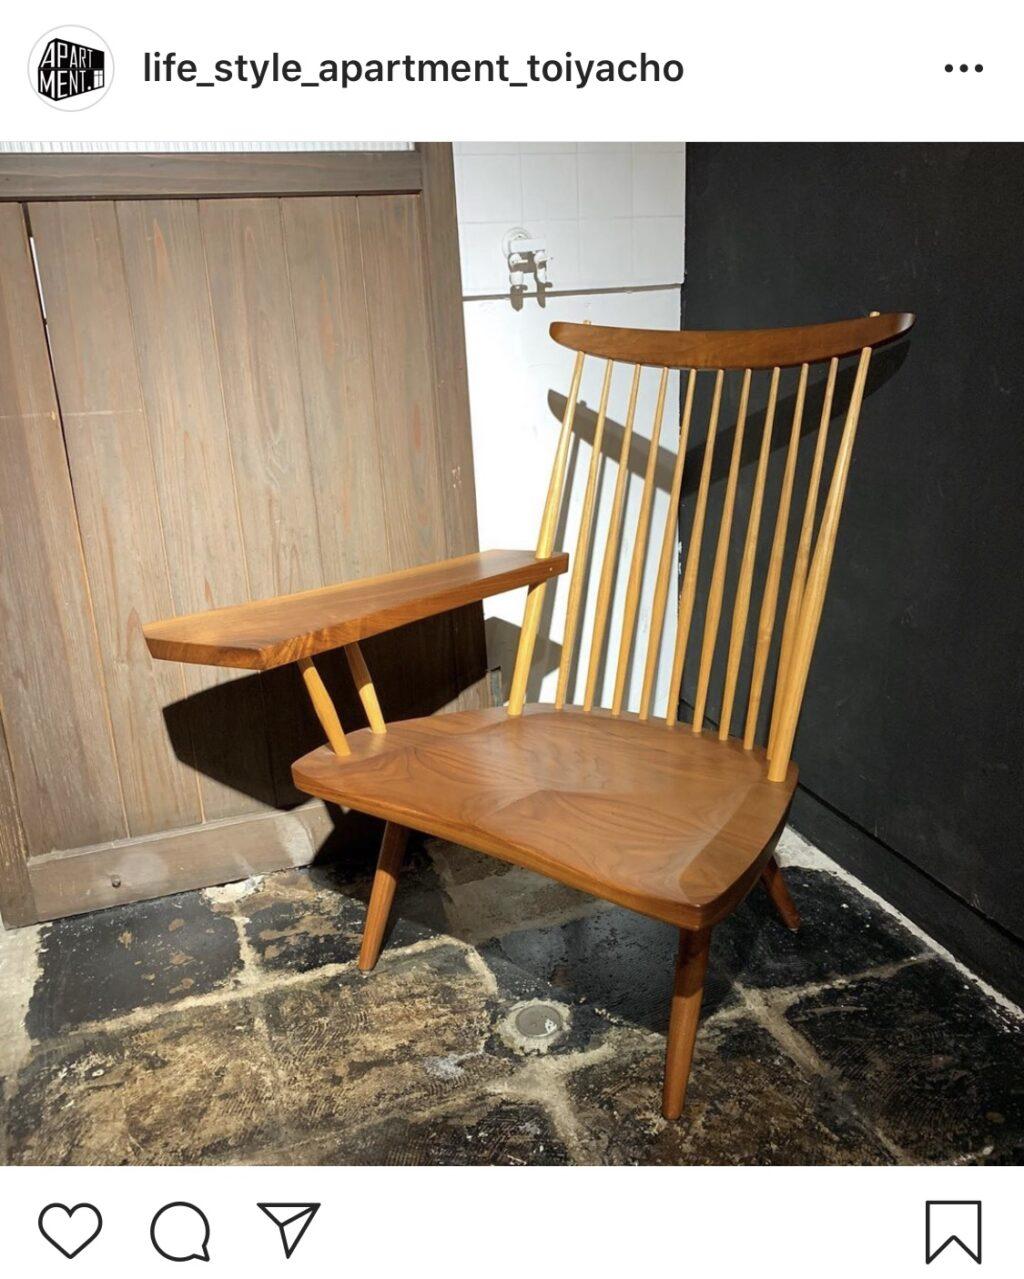 ジョージナカシマの家具買取販売ならリユースショップキミドリまで/USDデザイナーズ家具取扱ています